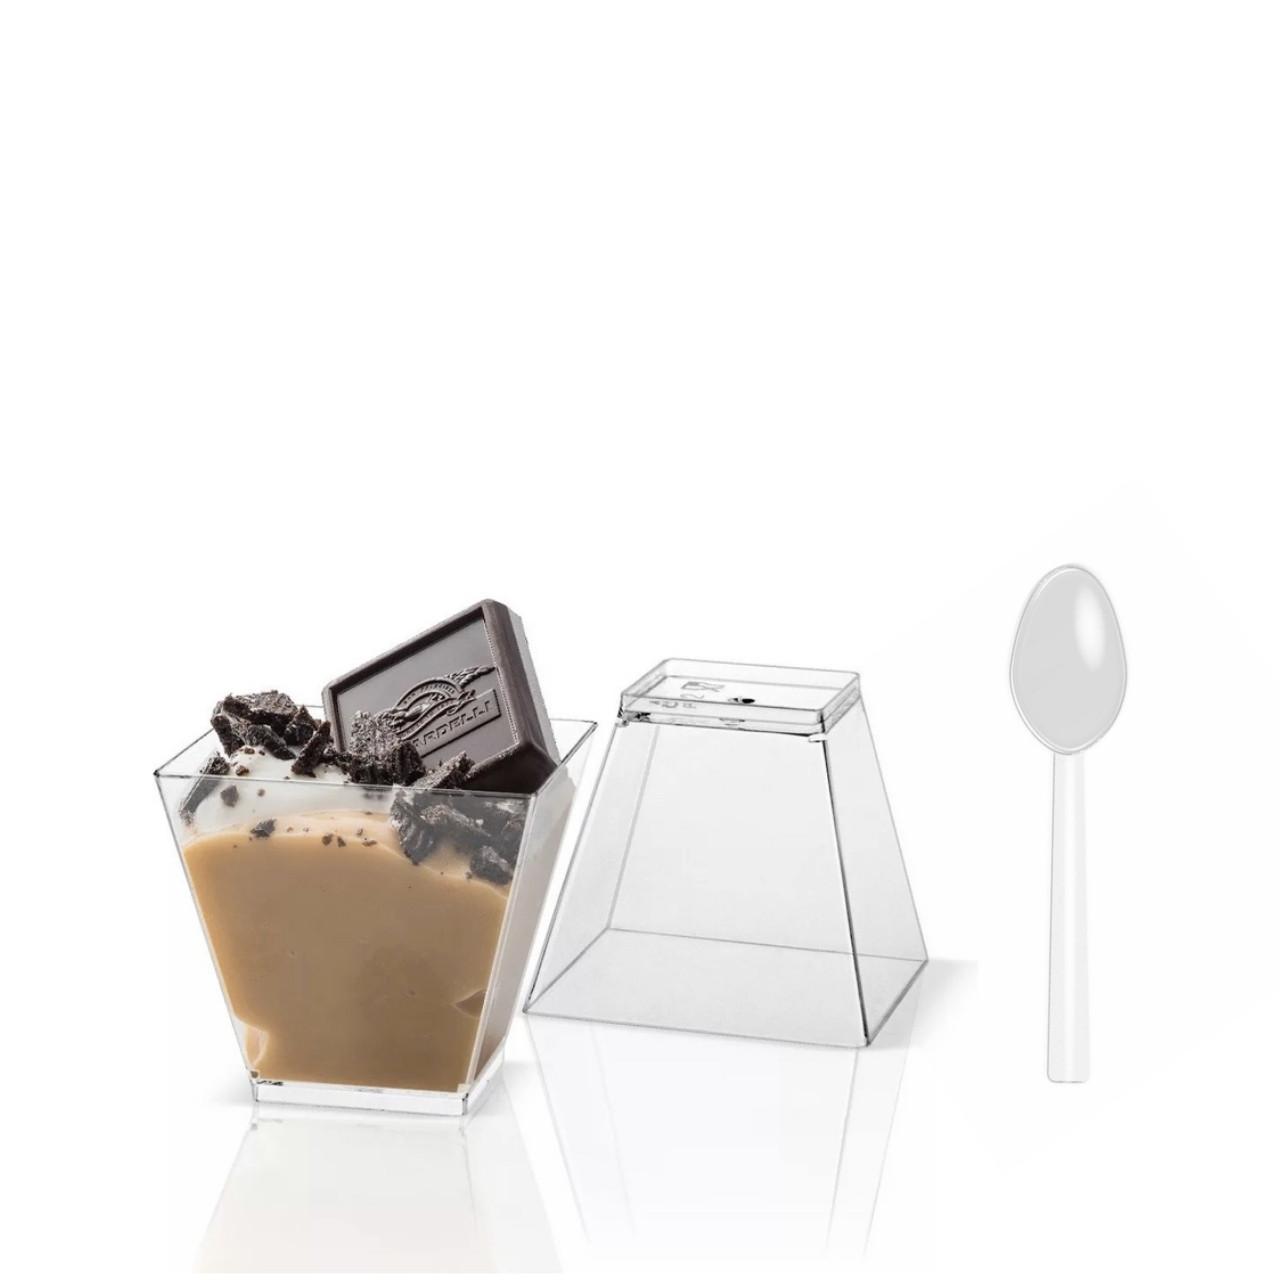 Стаканчик для десертов,трайфлов и напитков с крышкой h7см (200мл)